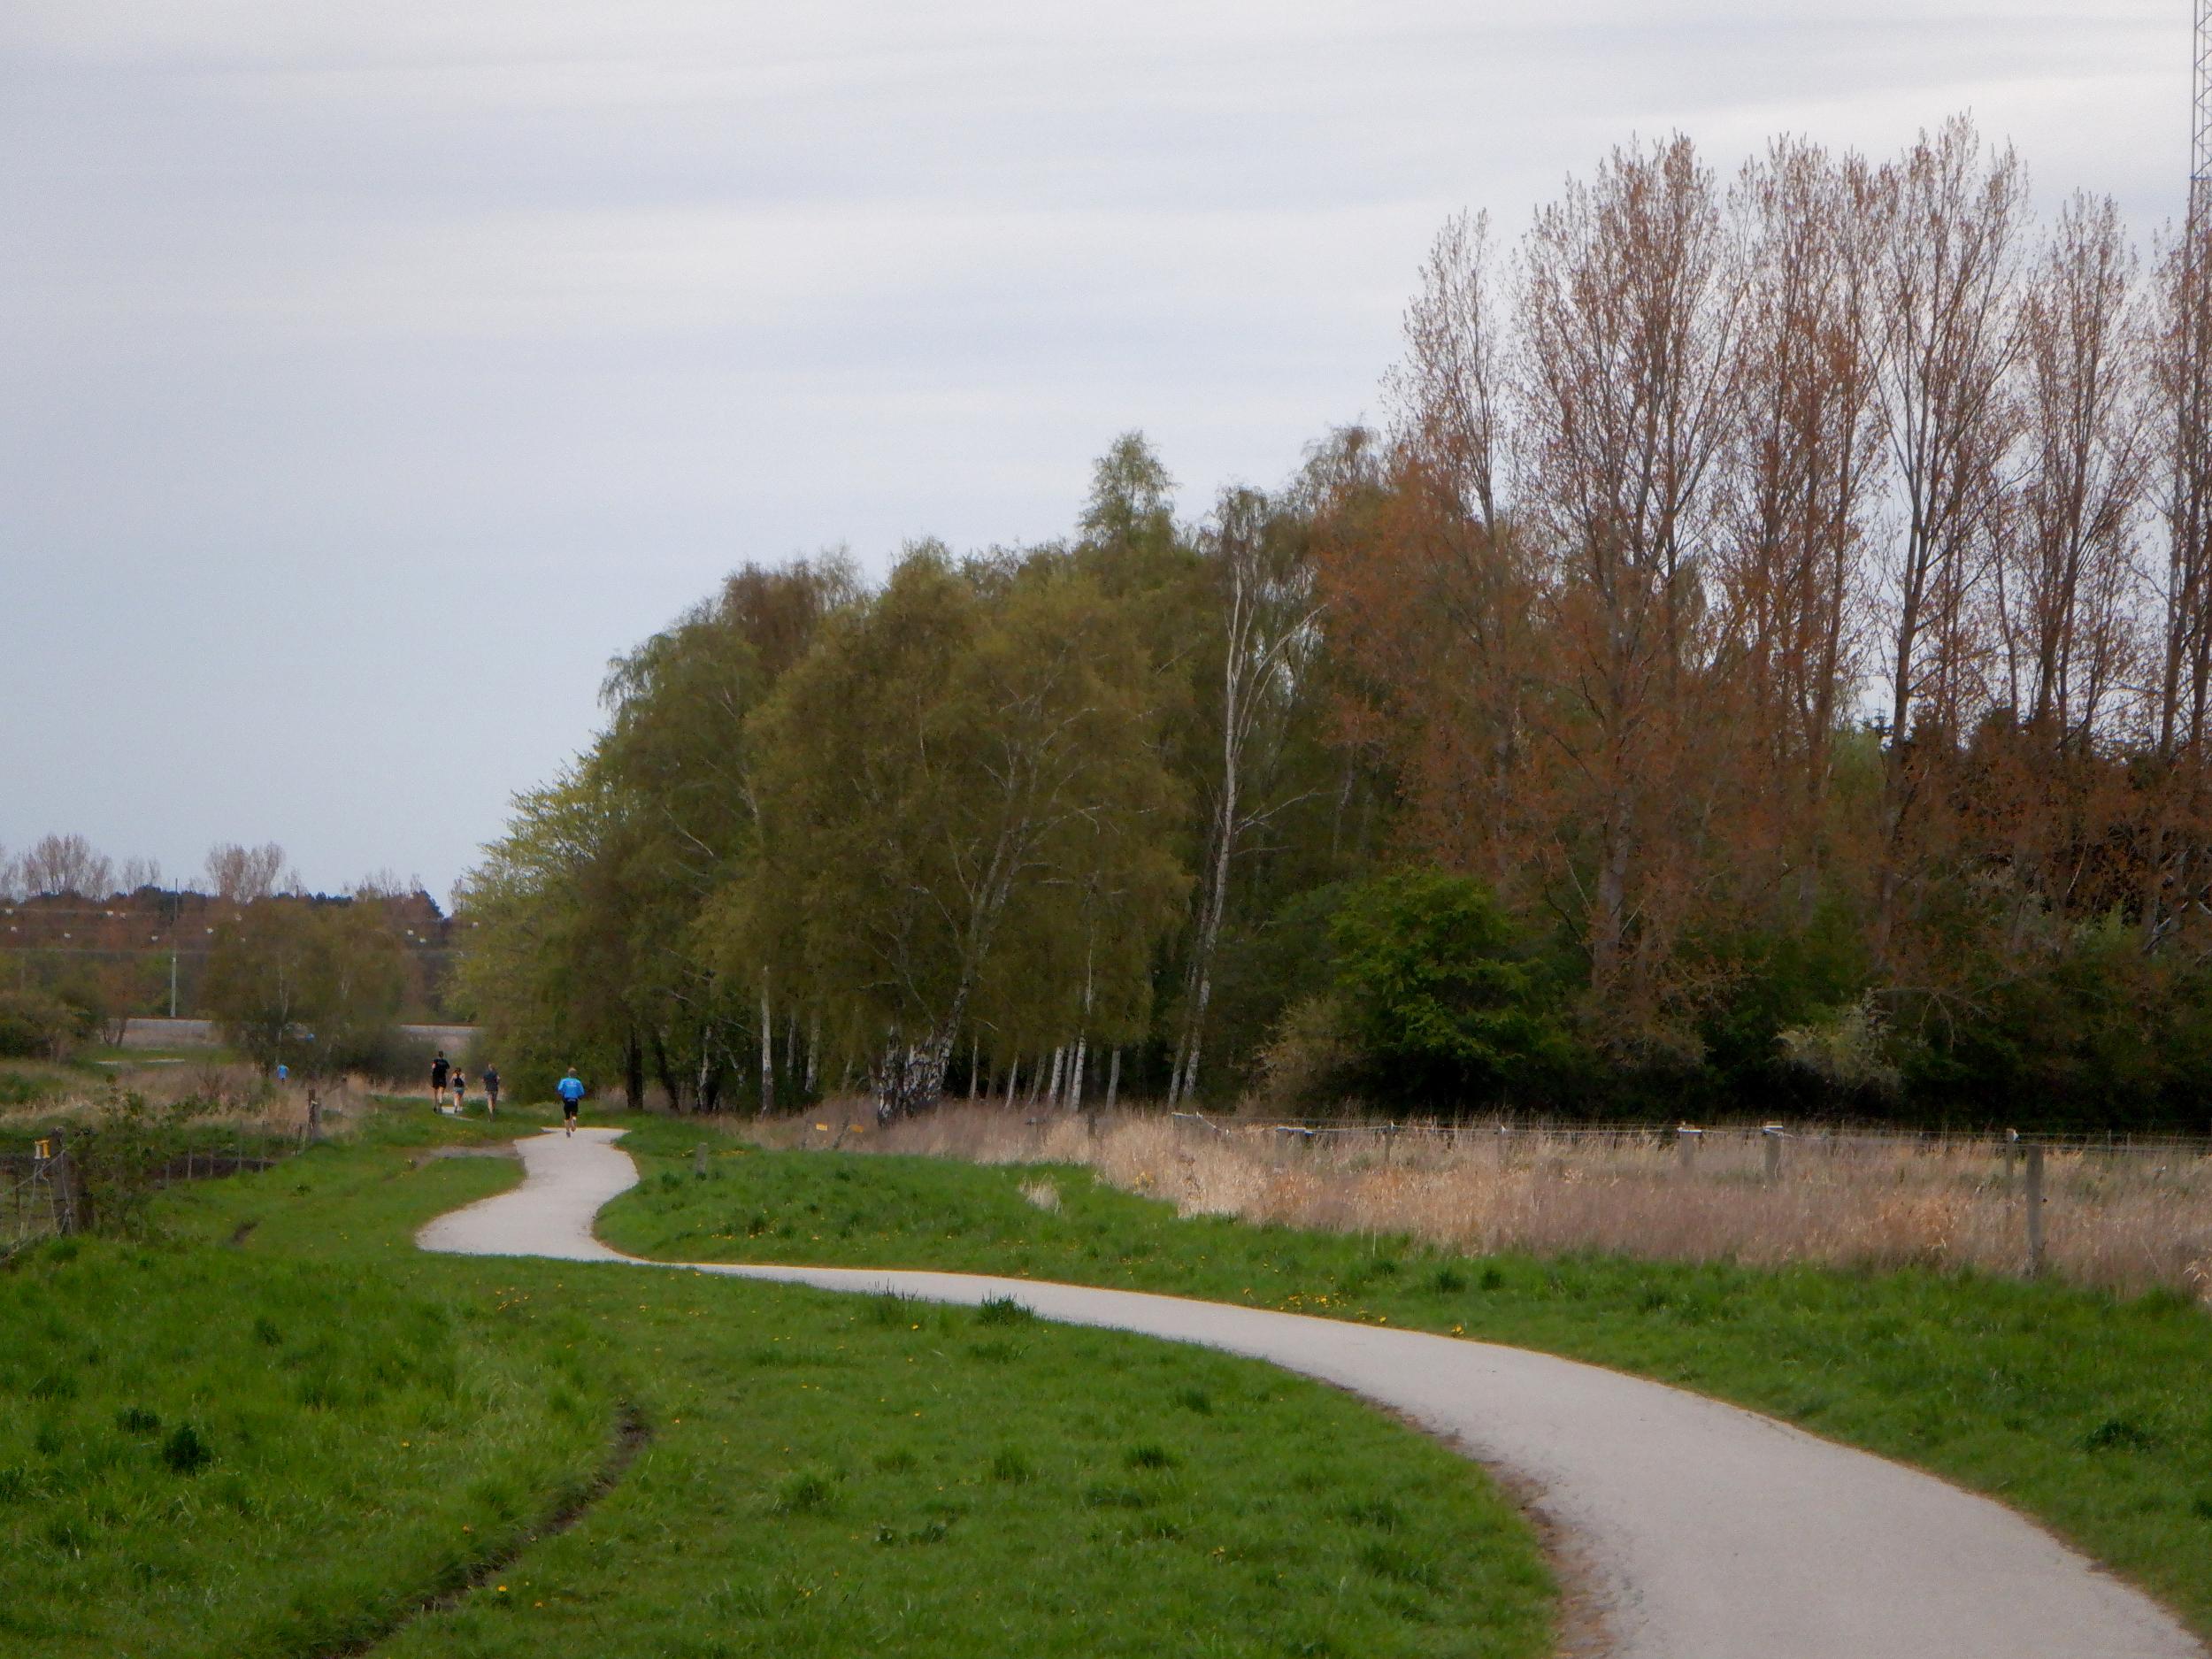 Grøn natur, en snoet asfaltsti og løbere i det fjerne.